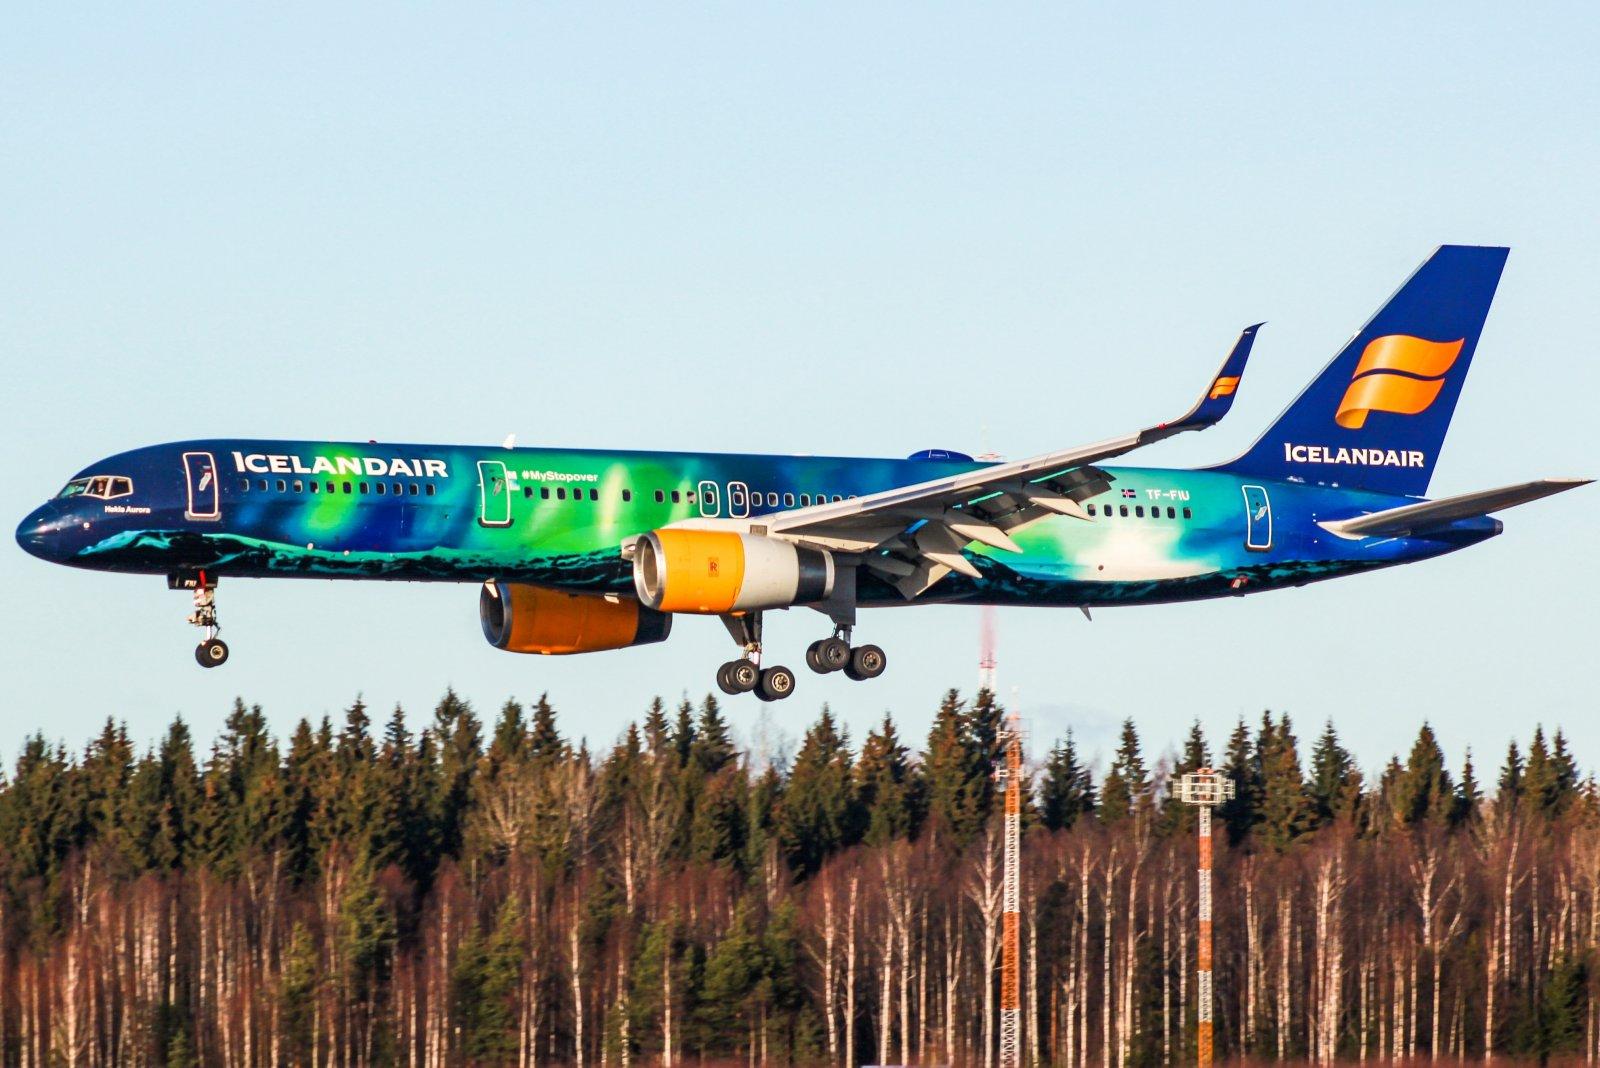 Icelandair yhtiön 757 tulossa laskuun kiitoradalle 22L Helsingissä